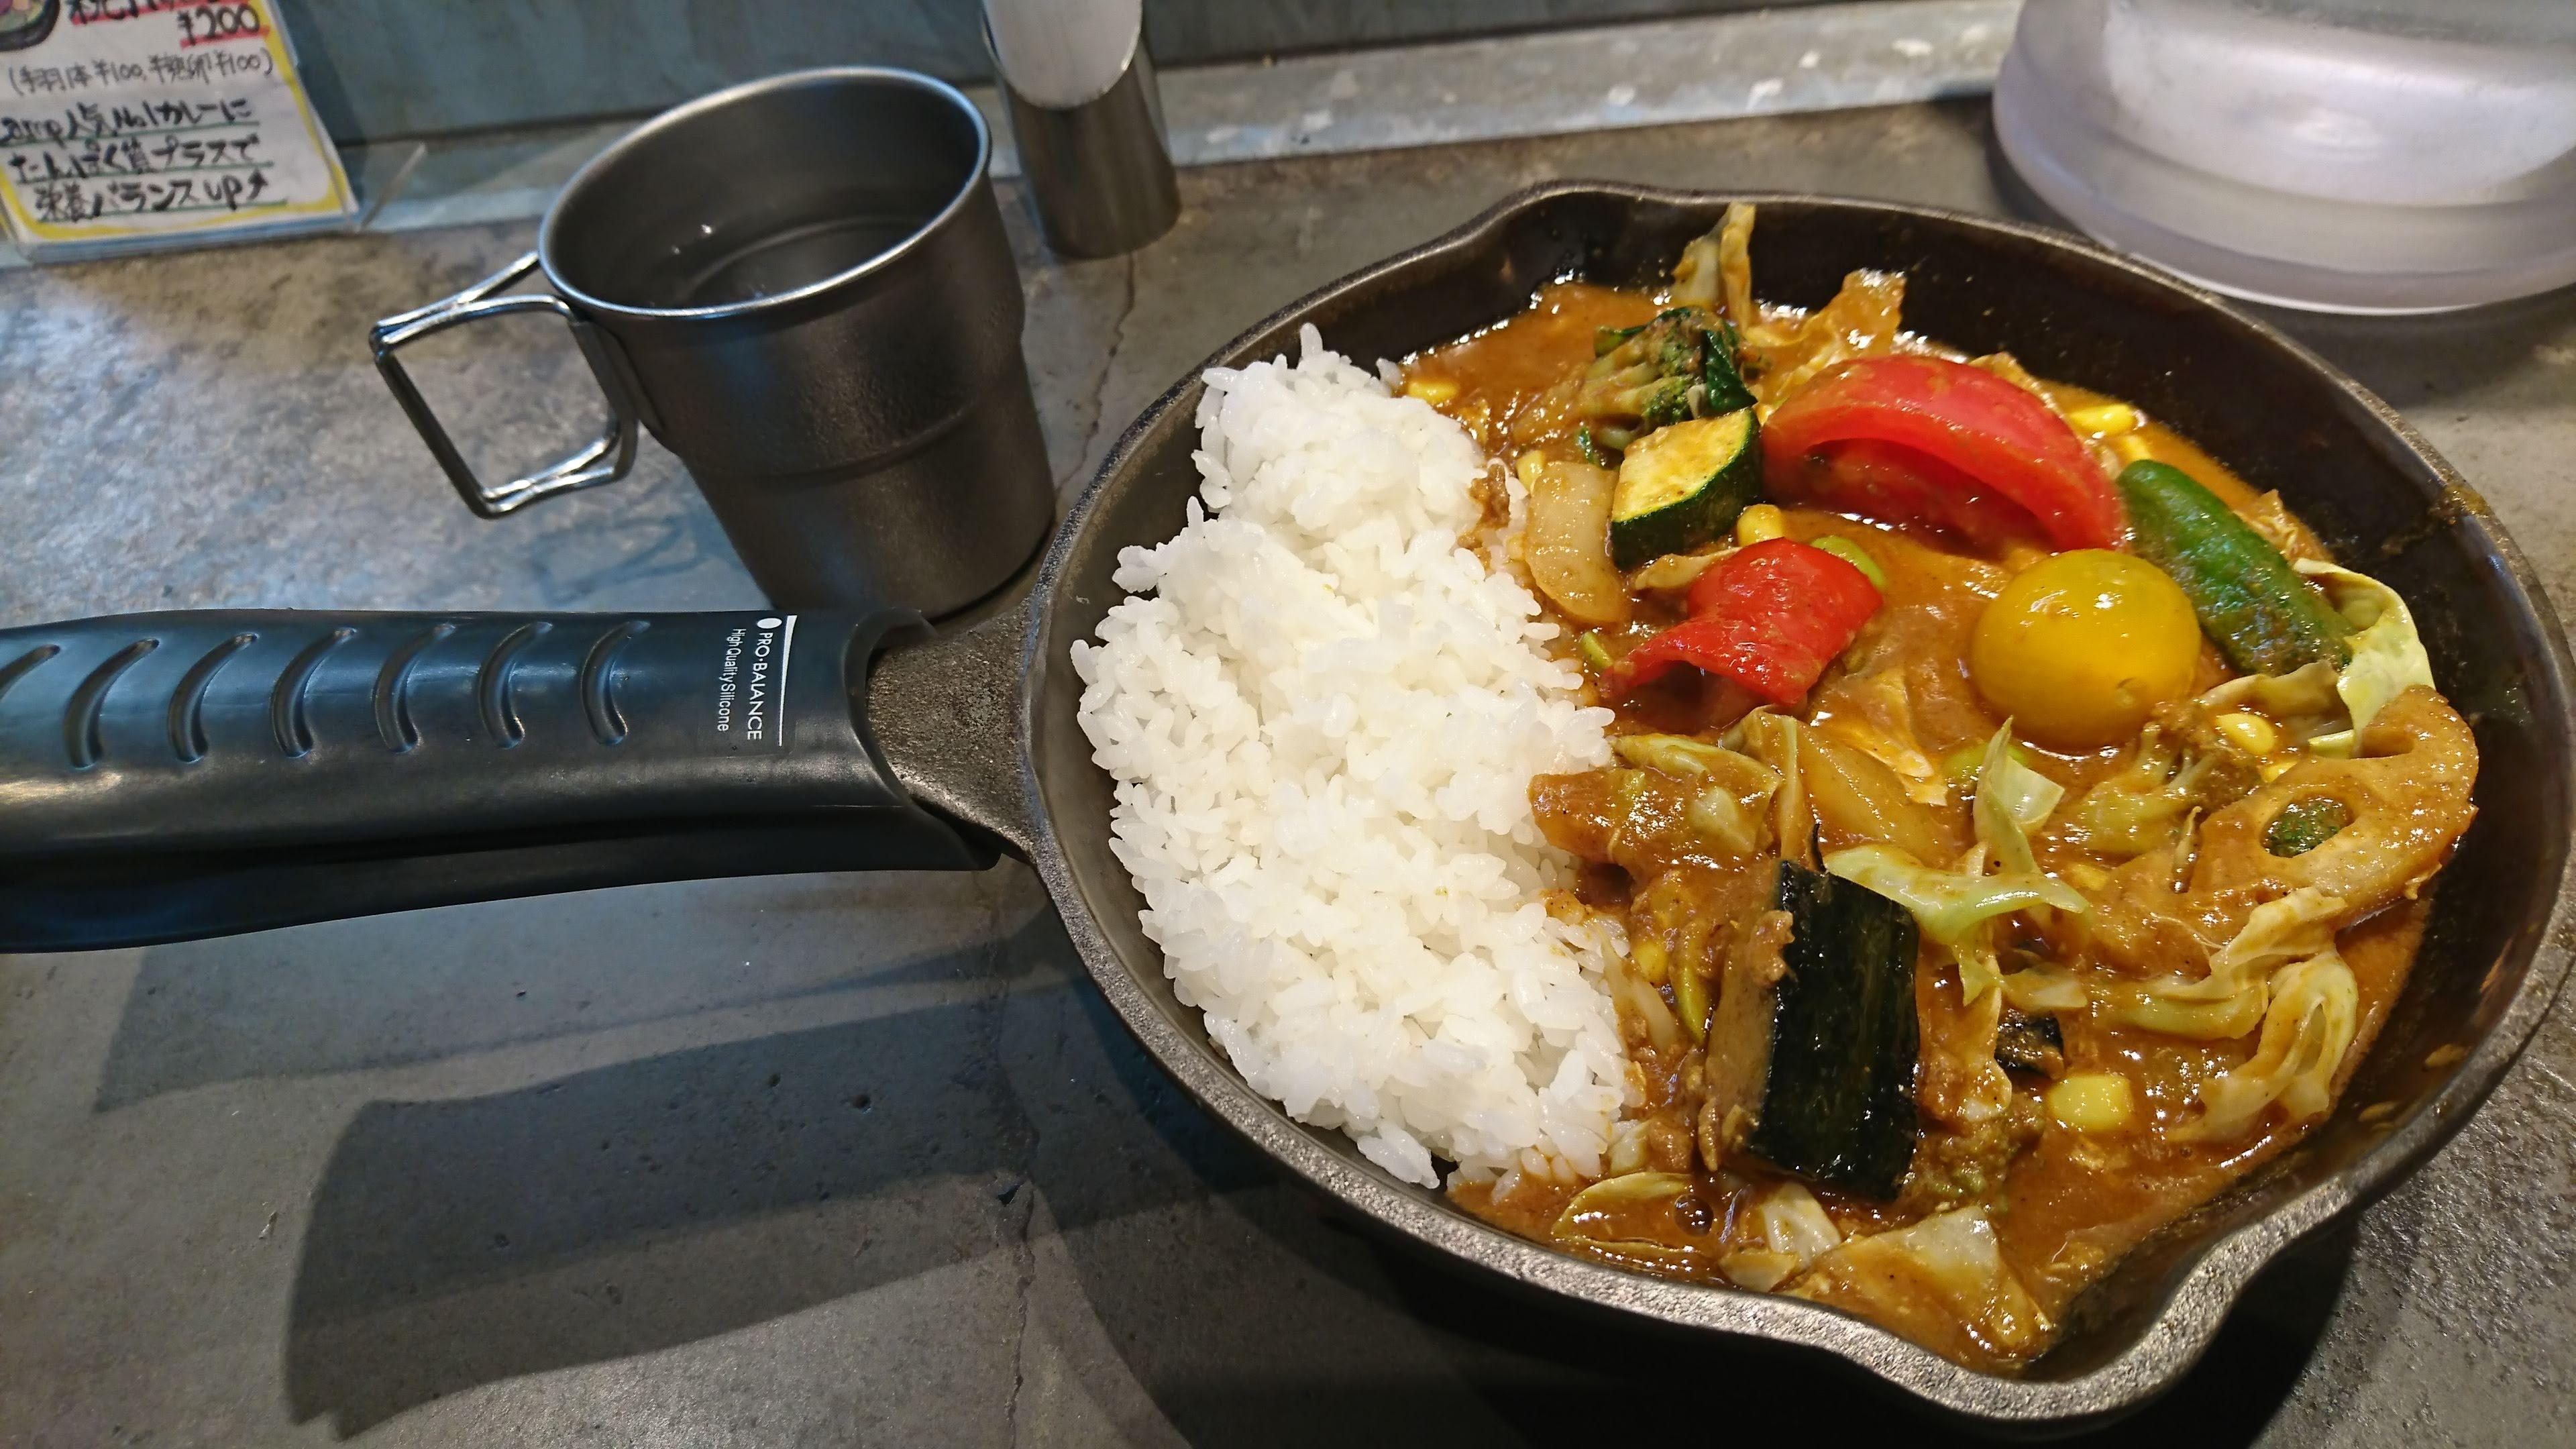 一日分の野菜 カレー